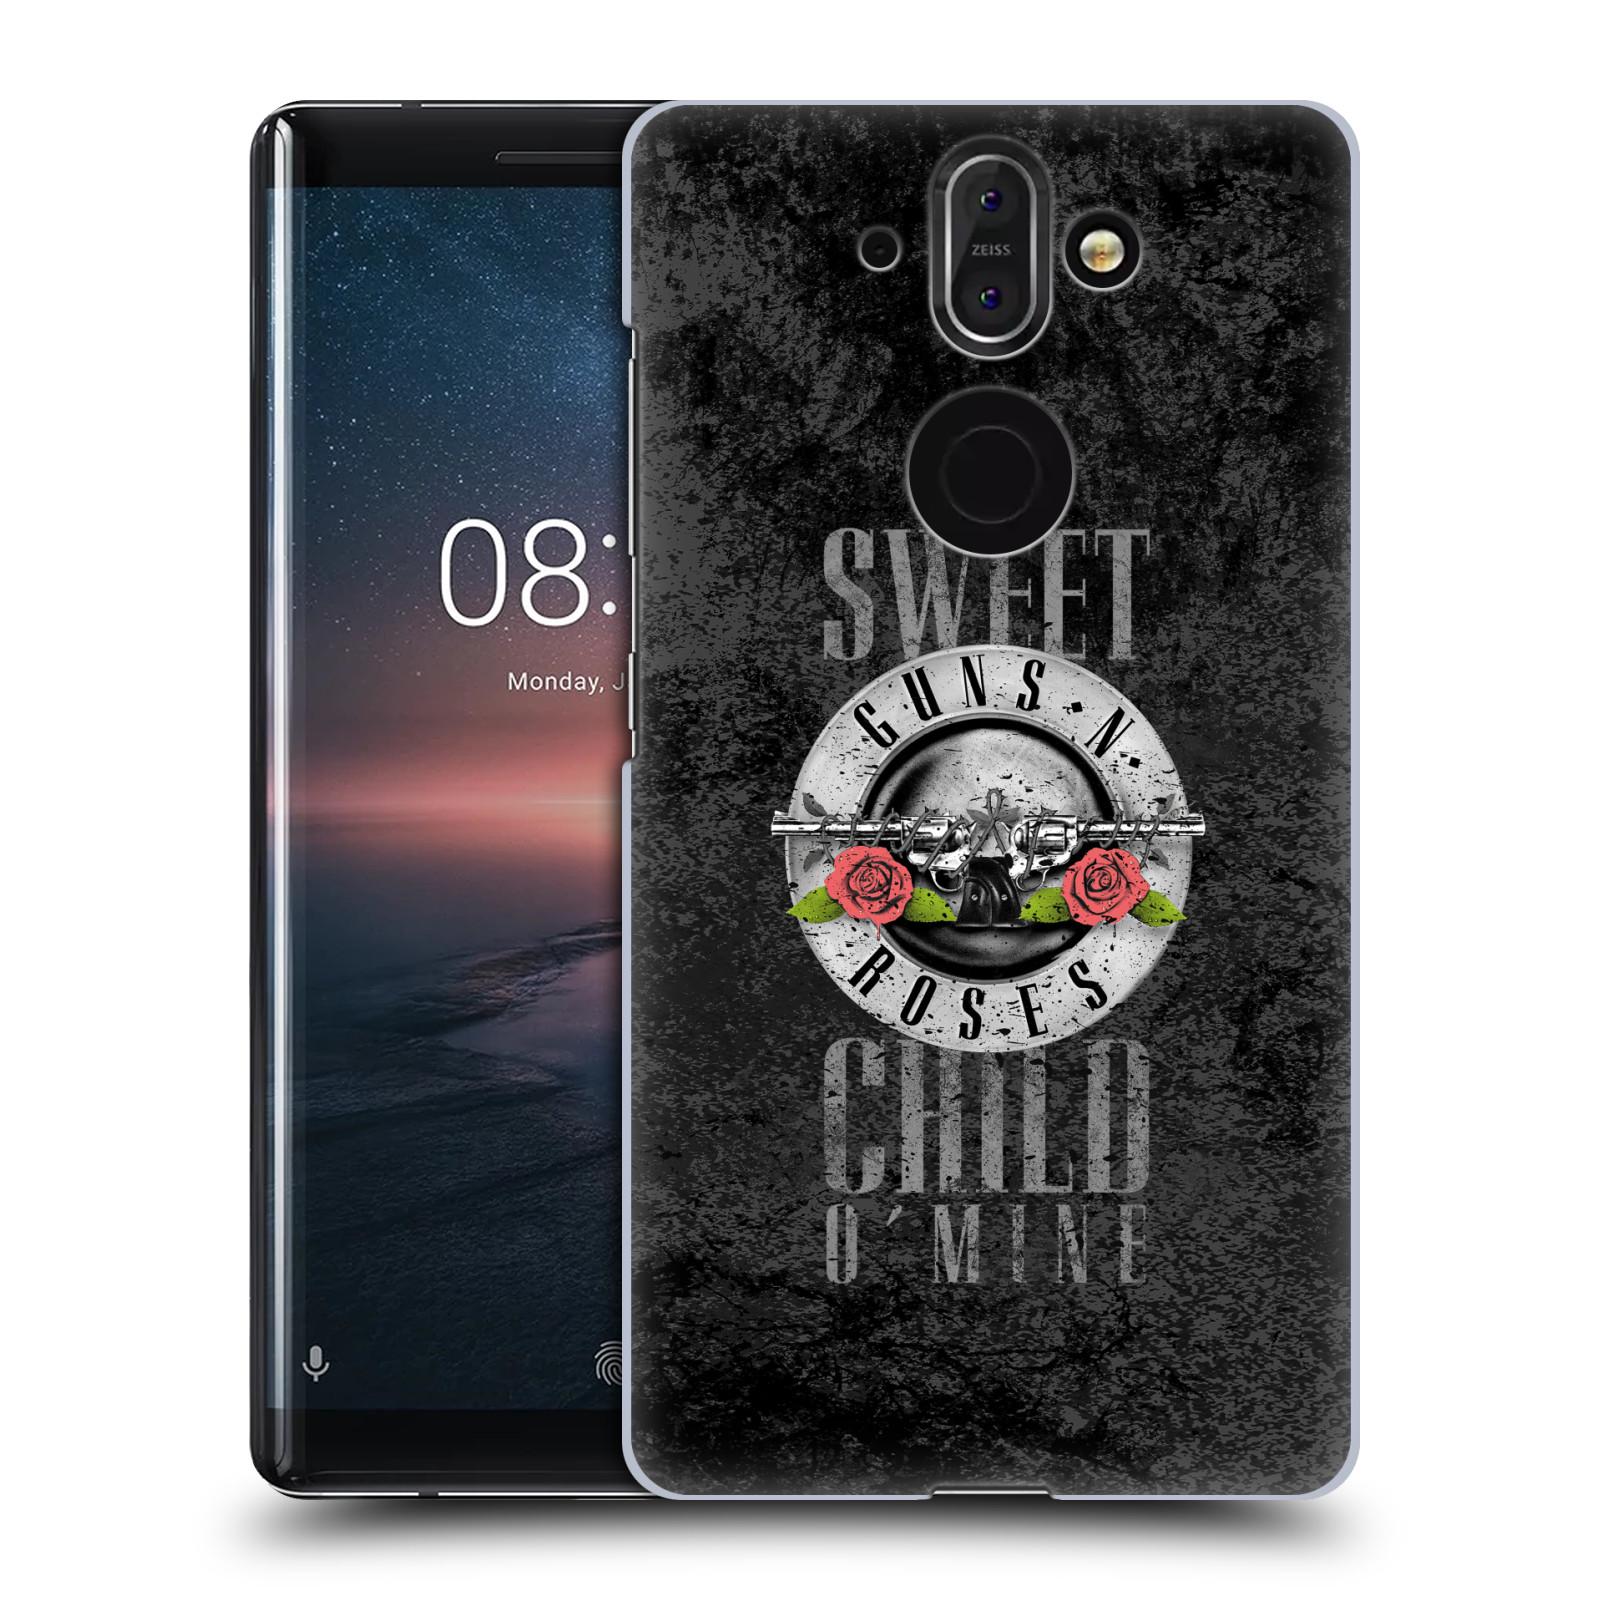 Plastové pouzdro na mobil Nokia 8 Sirocco - Head Case - Guns N' Roses - Sweet Child